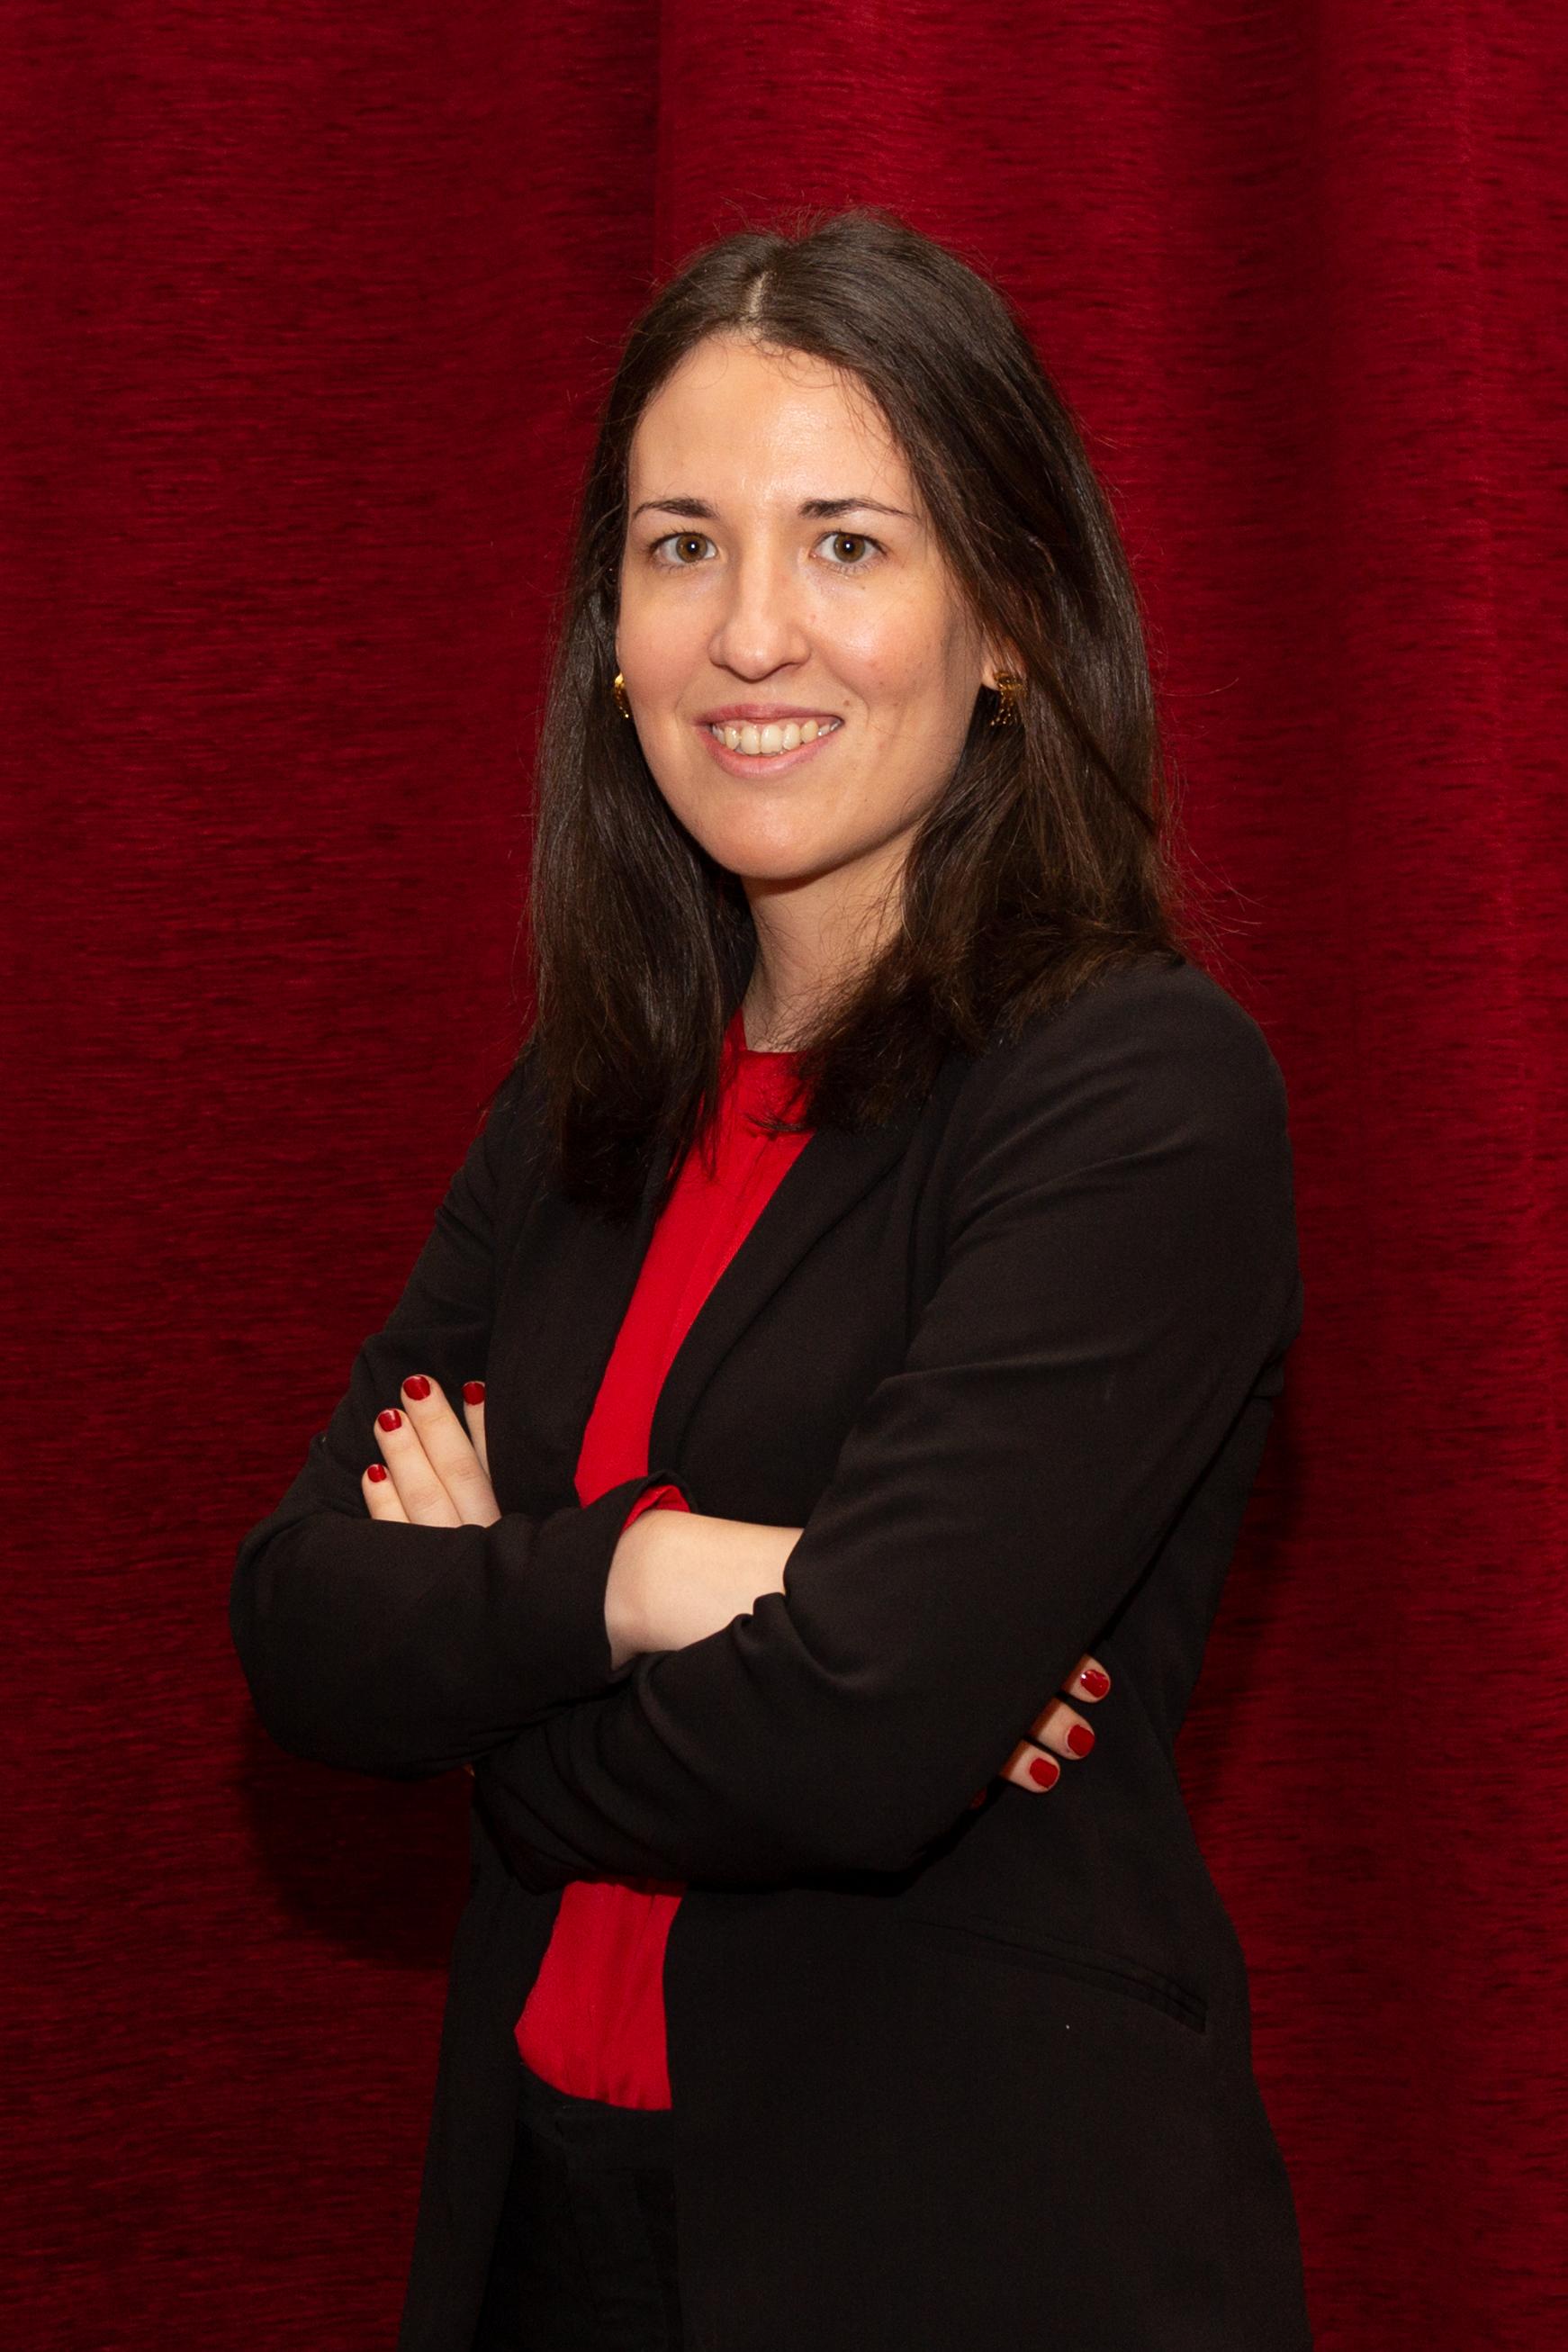 Mariana Ferreira da Cunha Azevedo Mendes